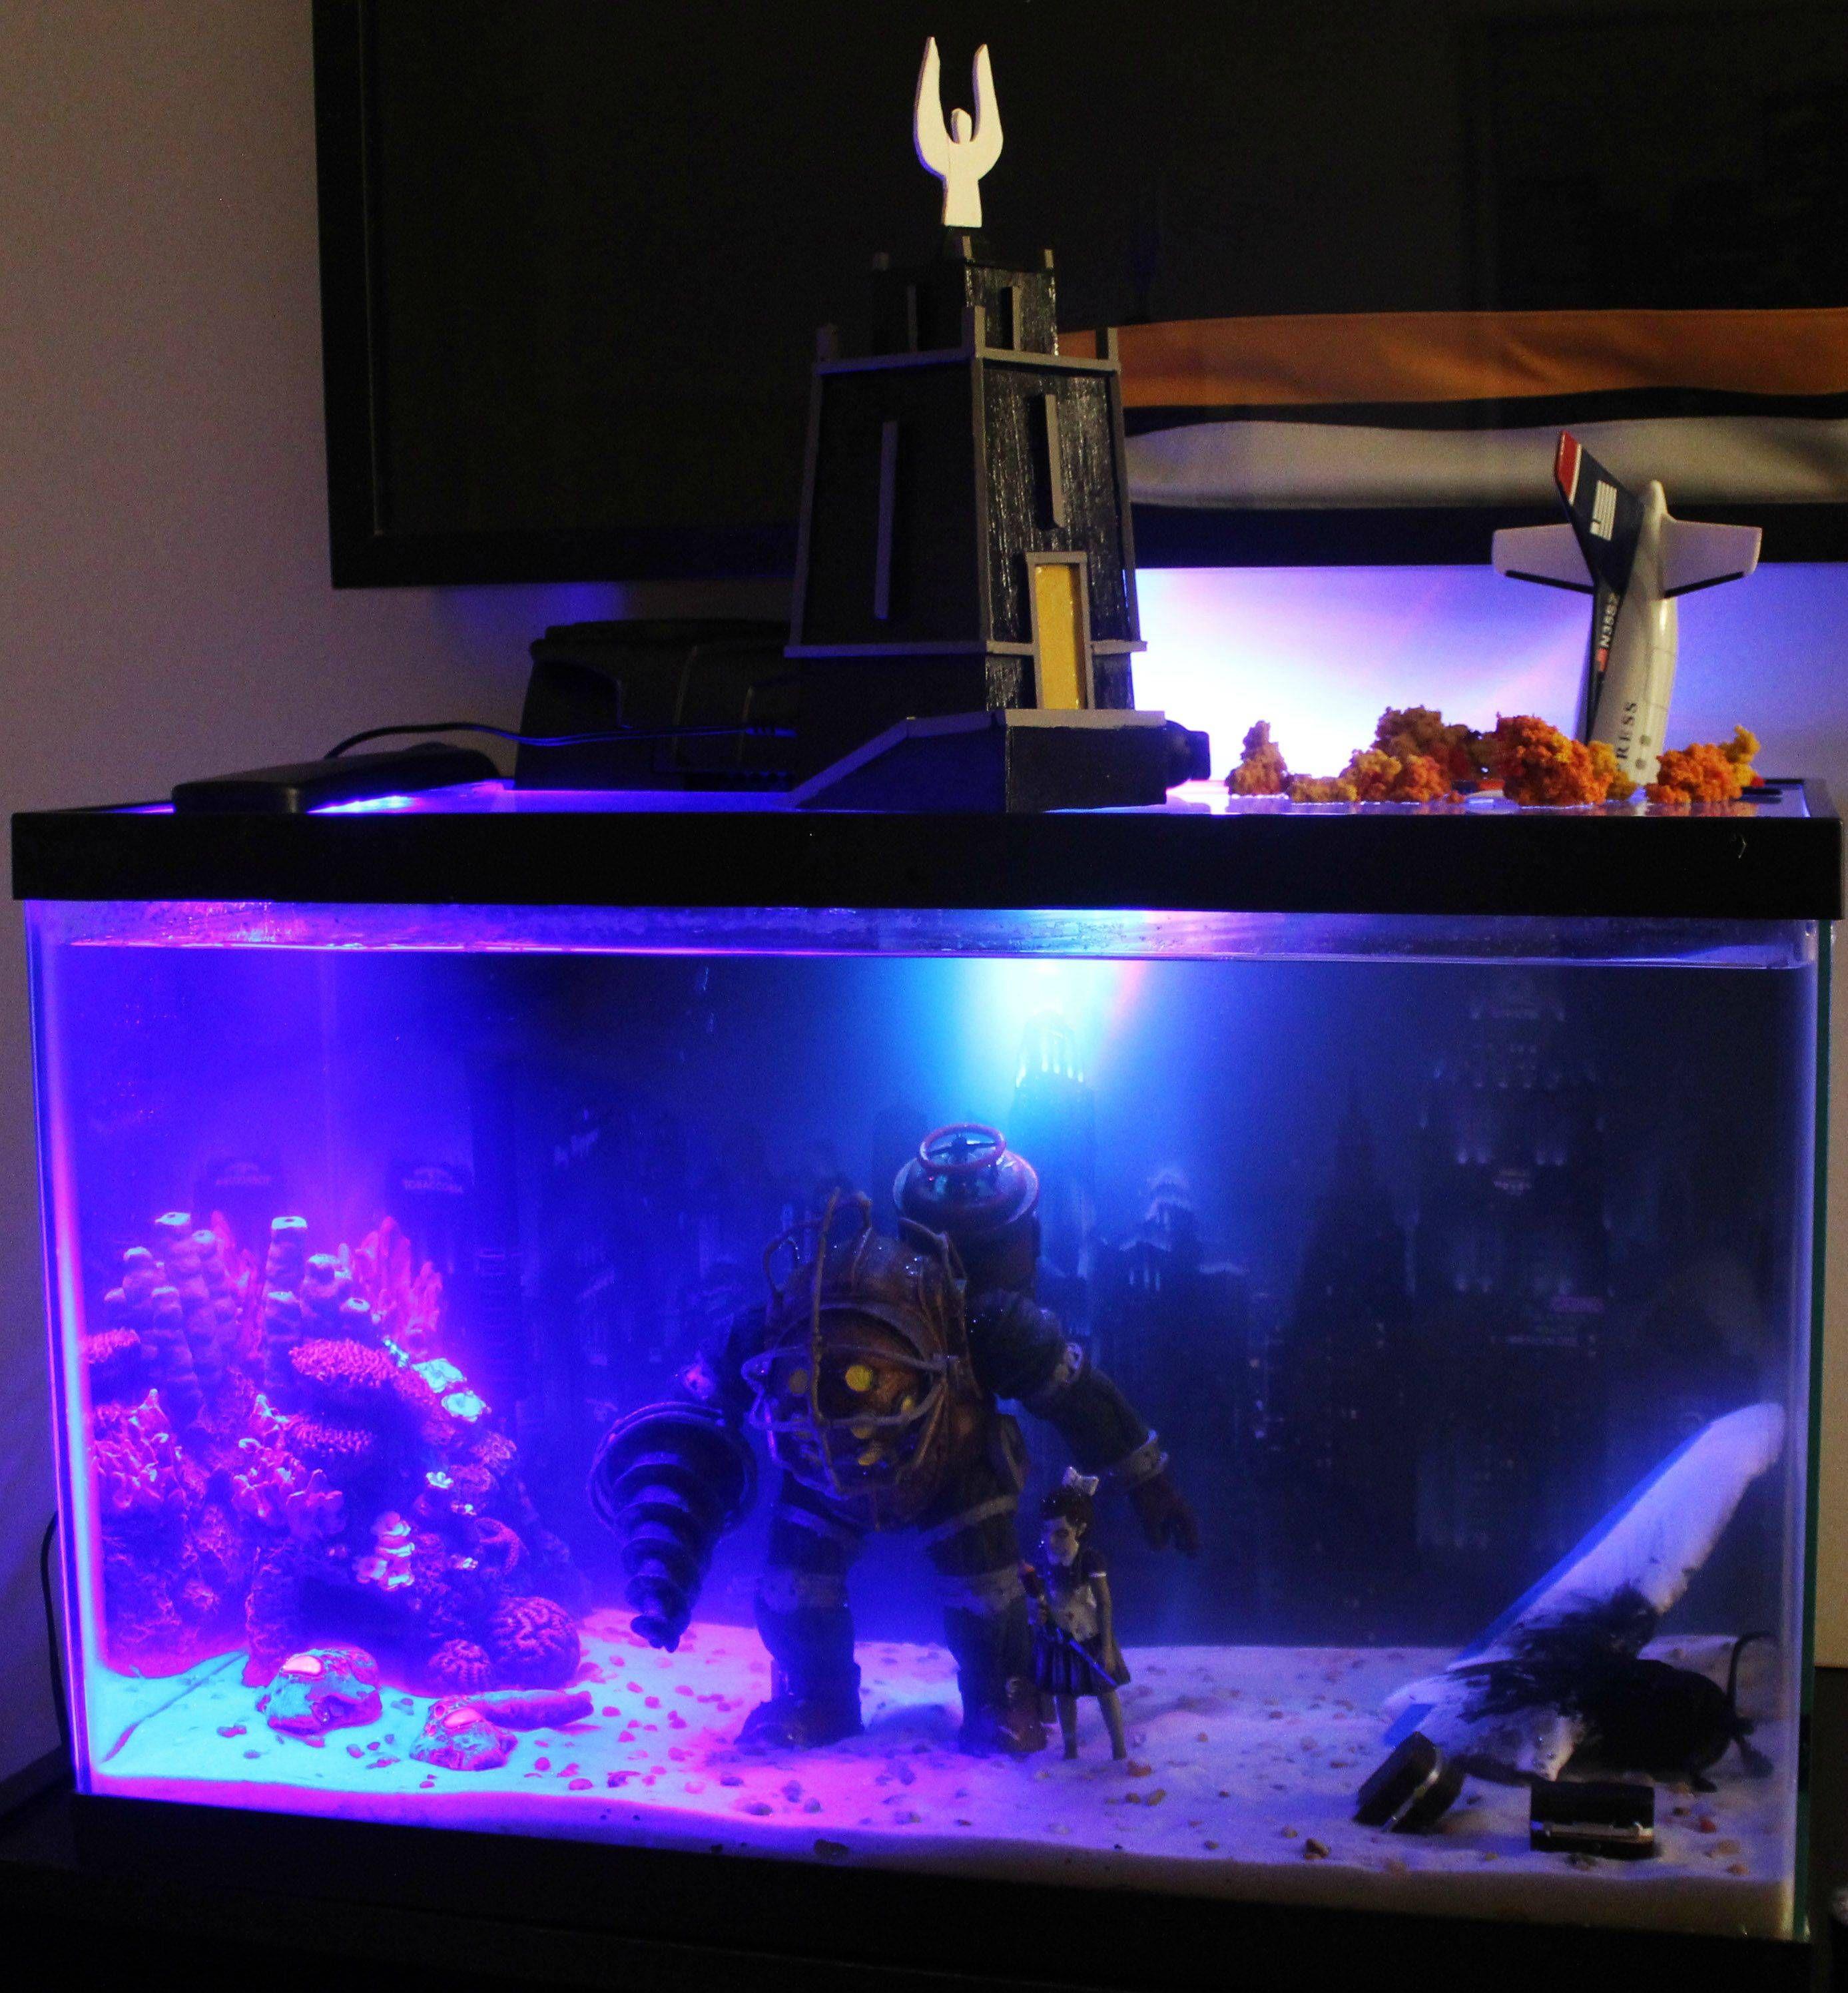 Aquarium fish tank game - Bioshock Aquarium Fish Tank Via Reddit User Fryest